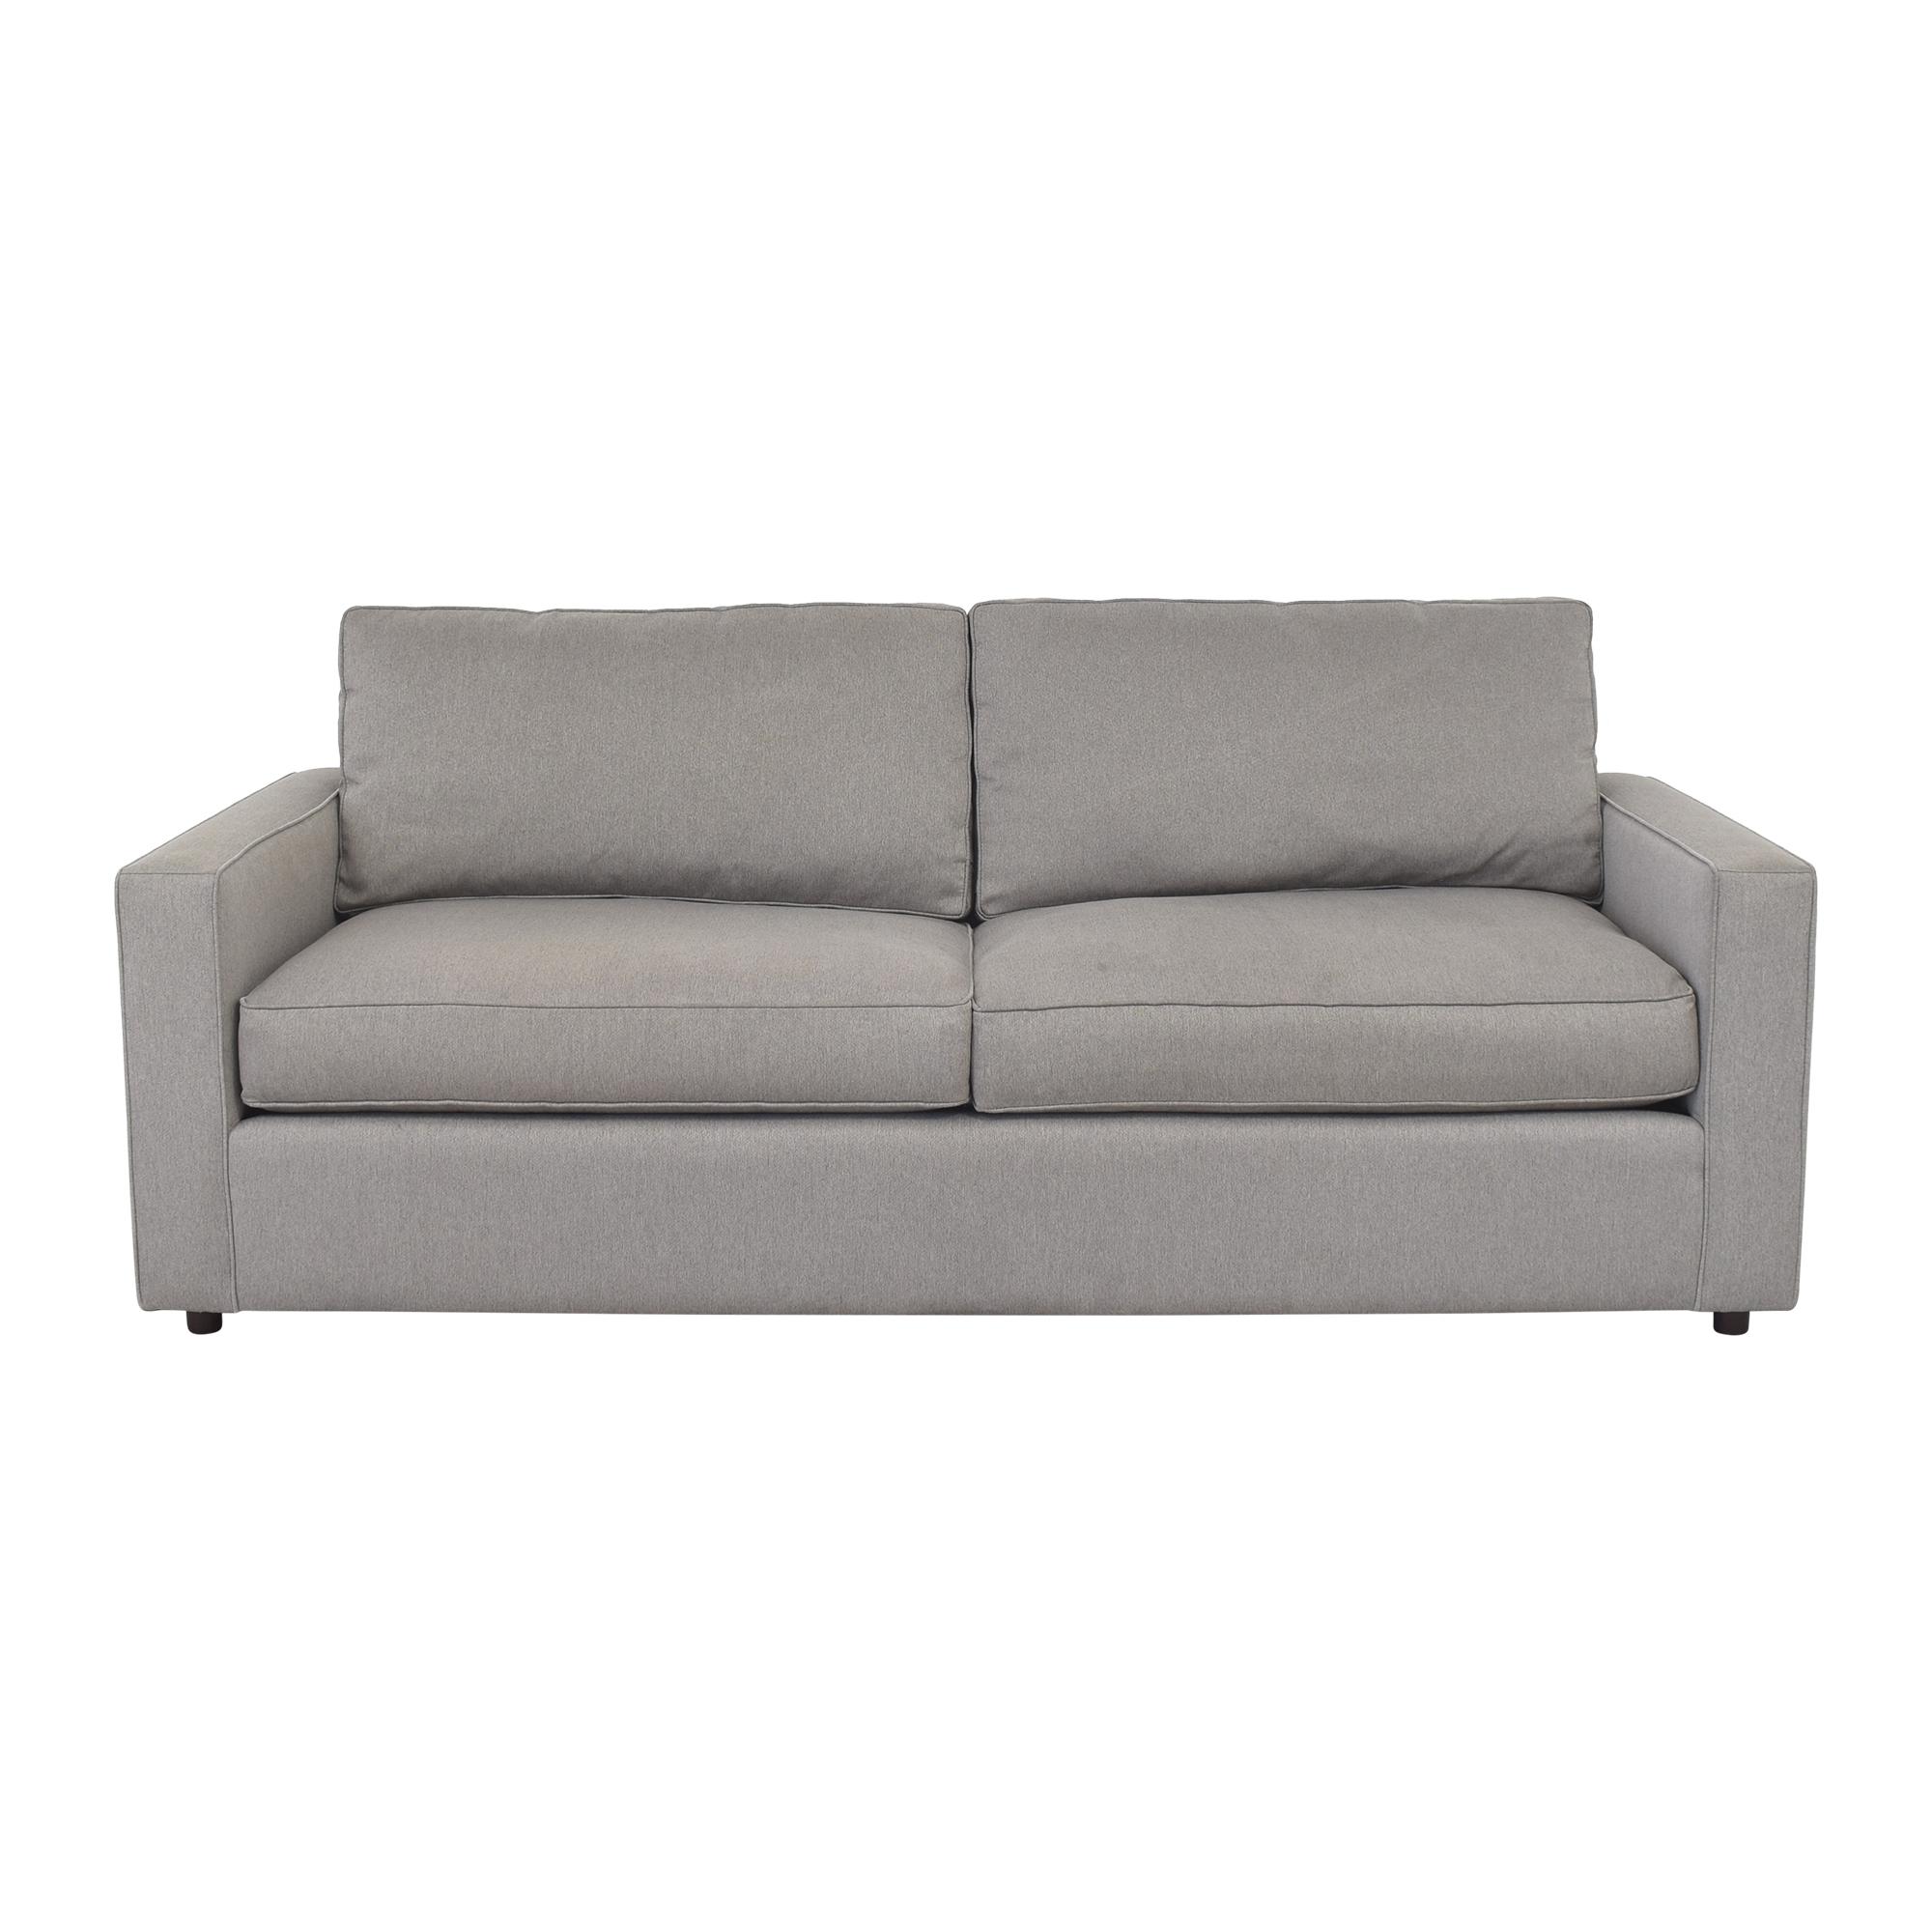 buy Room & Board York Two Cushion Sofa Room & Board